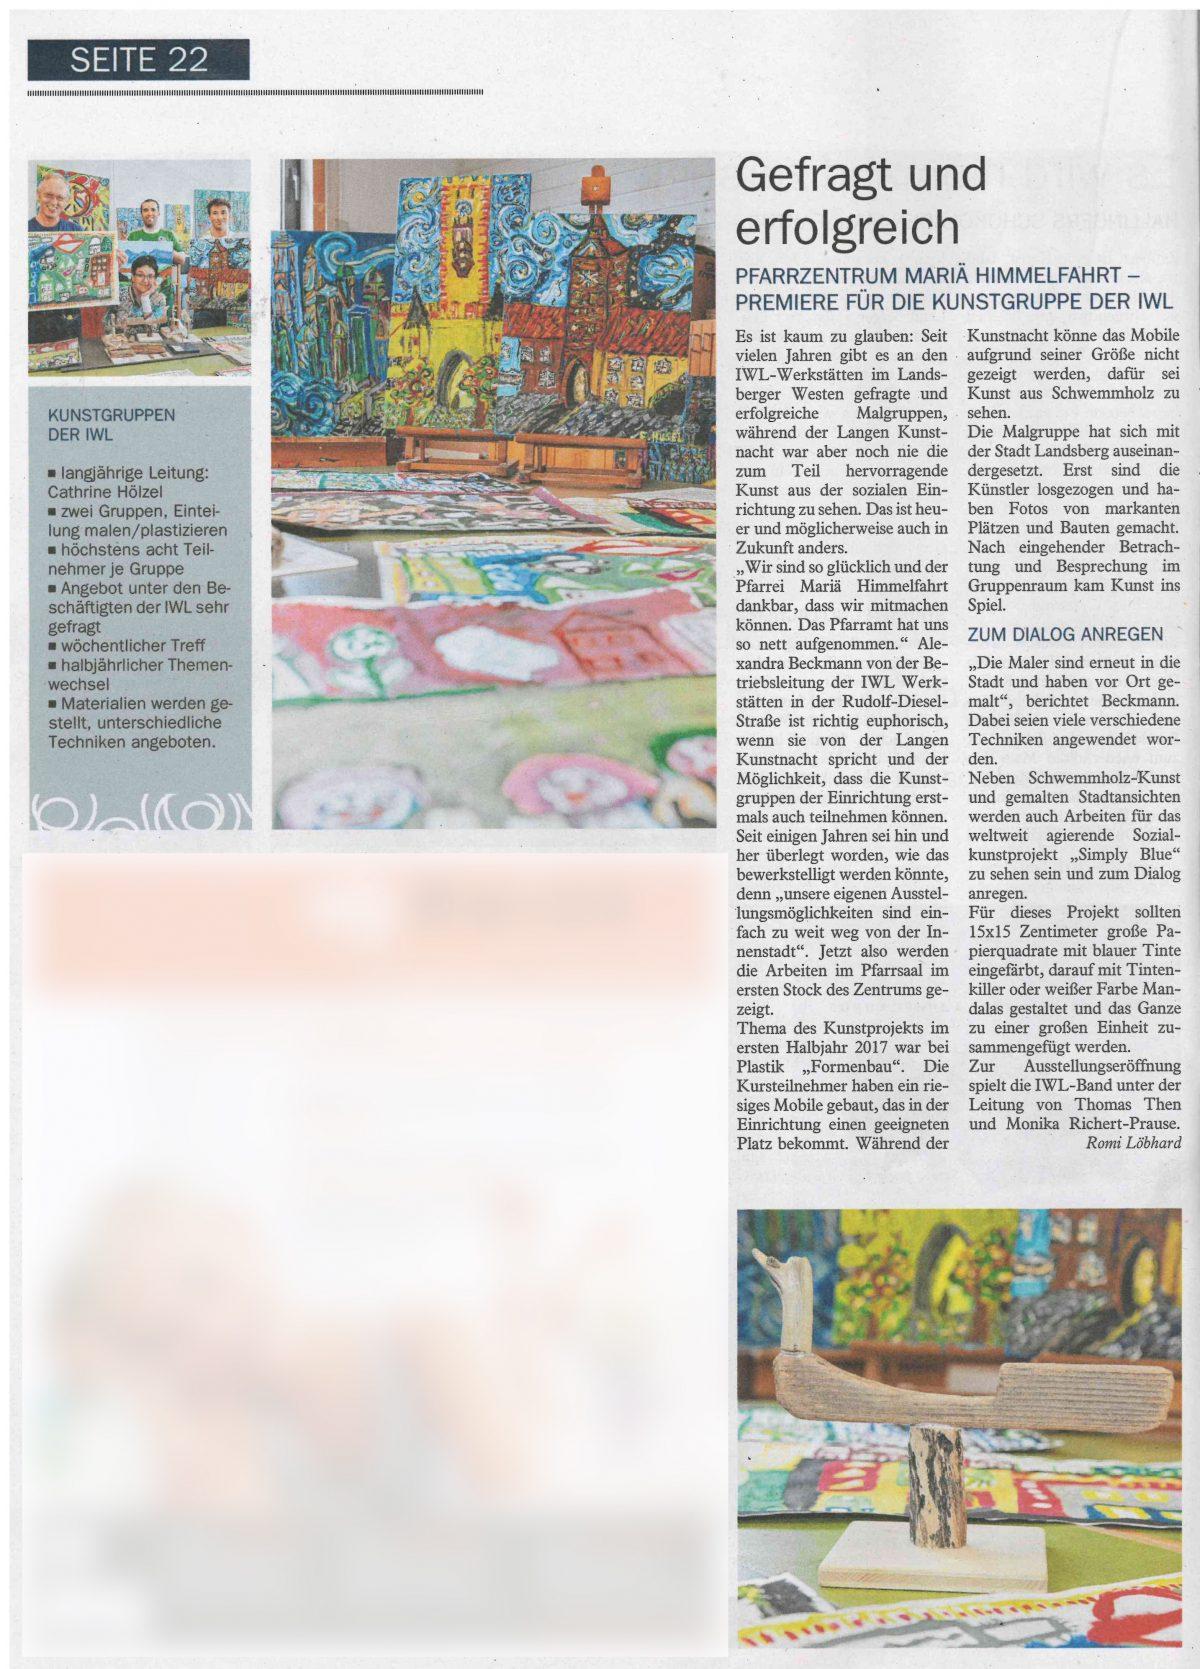 """Zeitungsartikel über die Teilnahme an der """"LAngen Kunstnacht"""" in Landsberg am Lech"""